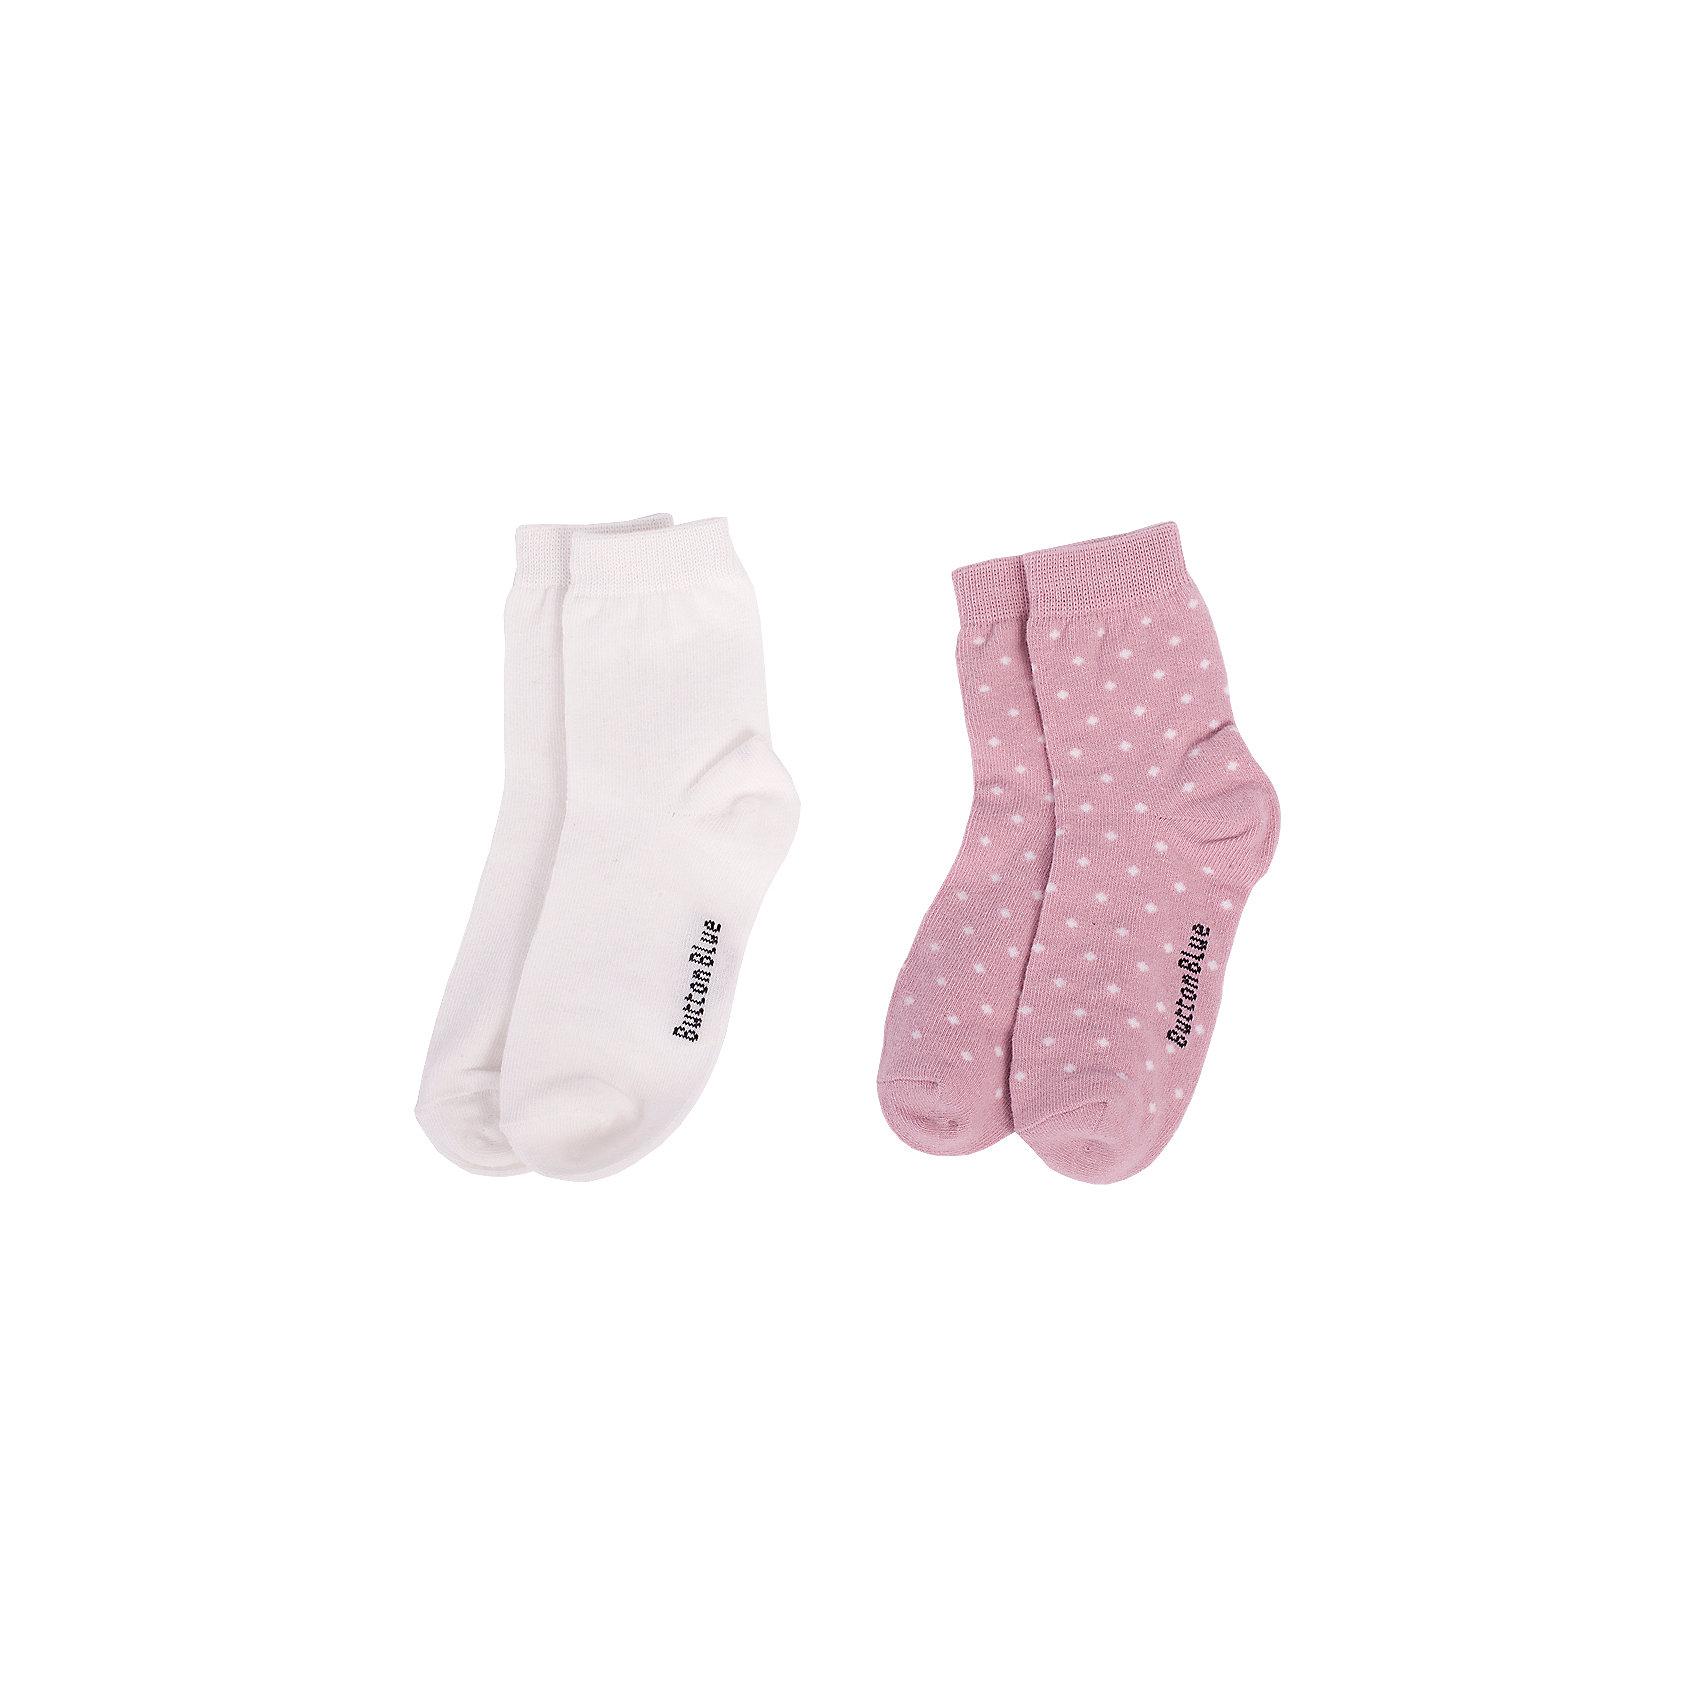 Носки BUTTON BLUE для девочкиНоски<br>Носки BUTTON BLUE для девочки<br>Детские носки - необходимая вещь на каждый день. И их в гардеробе ребенка должно быть немало. Если вы решили дополнить осенне-зимний гардероб ребенка хлопковыми носками, попробуйте купить комплект из двух пар. Вы думаете, что хорошие, качественные и недорогие детские носки - это невозможно? Носки от Button Blue убедят вас в обратном.<br>Состав:<br>80%хлопок 18%полиамид 2% эластан<br><br>Ширина мм: 87<br>Глубина мм: 10<br>Высота мм: 105<br>Вес г: 115<br>Цвет: розовый<br>Возраст от месяцев: 15<br>Возраст до месяцев: 18<br>Пол: Женский<br>Возраст: Детский<br>Размер: 22,14,16,20<br>SKU: 7039327